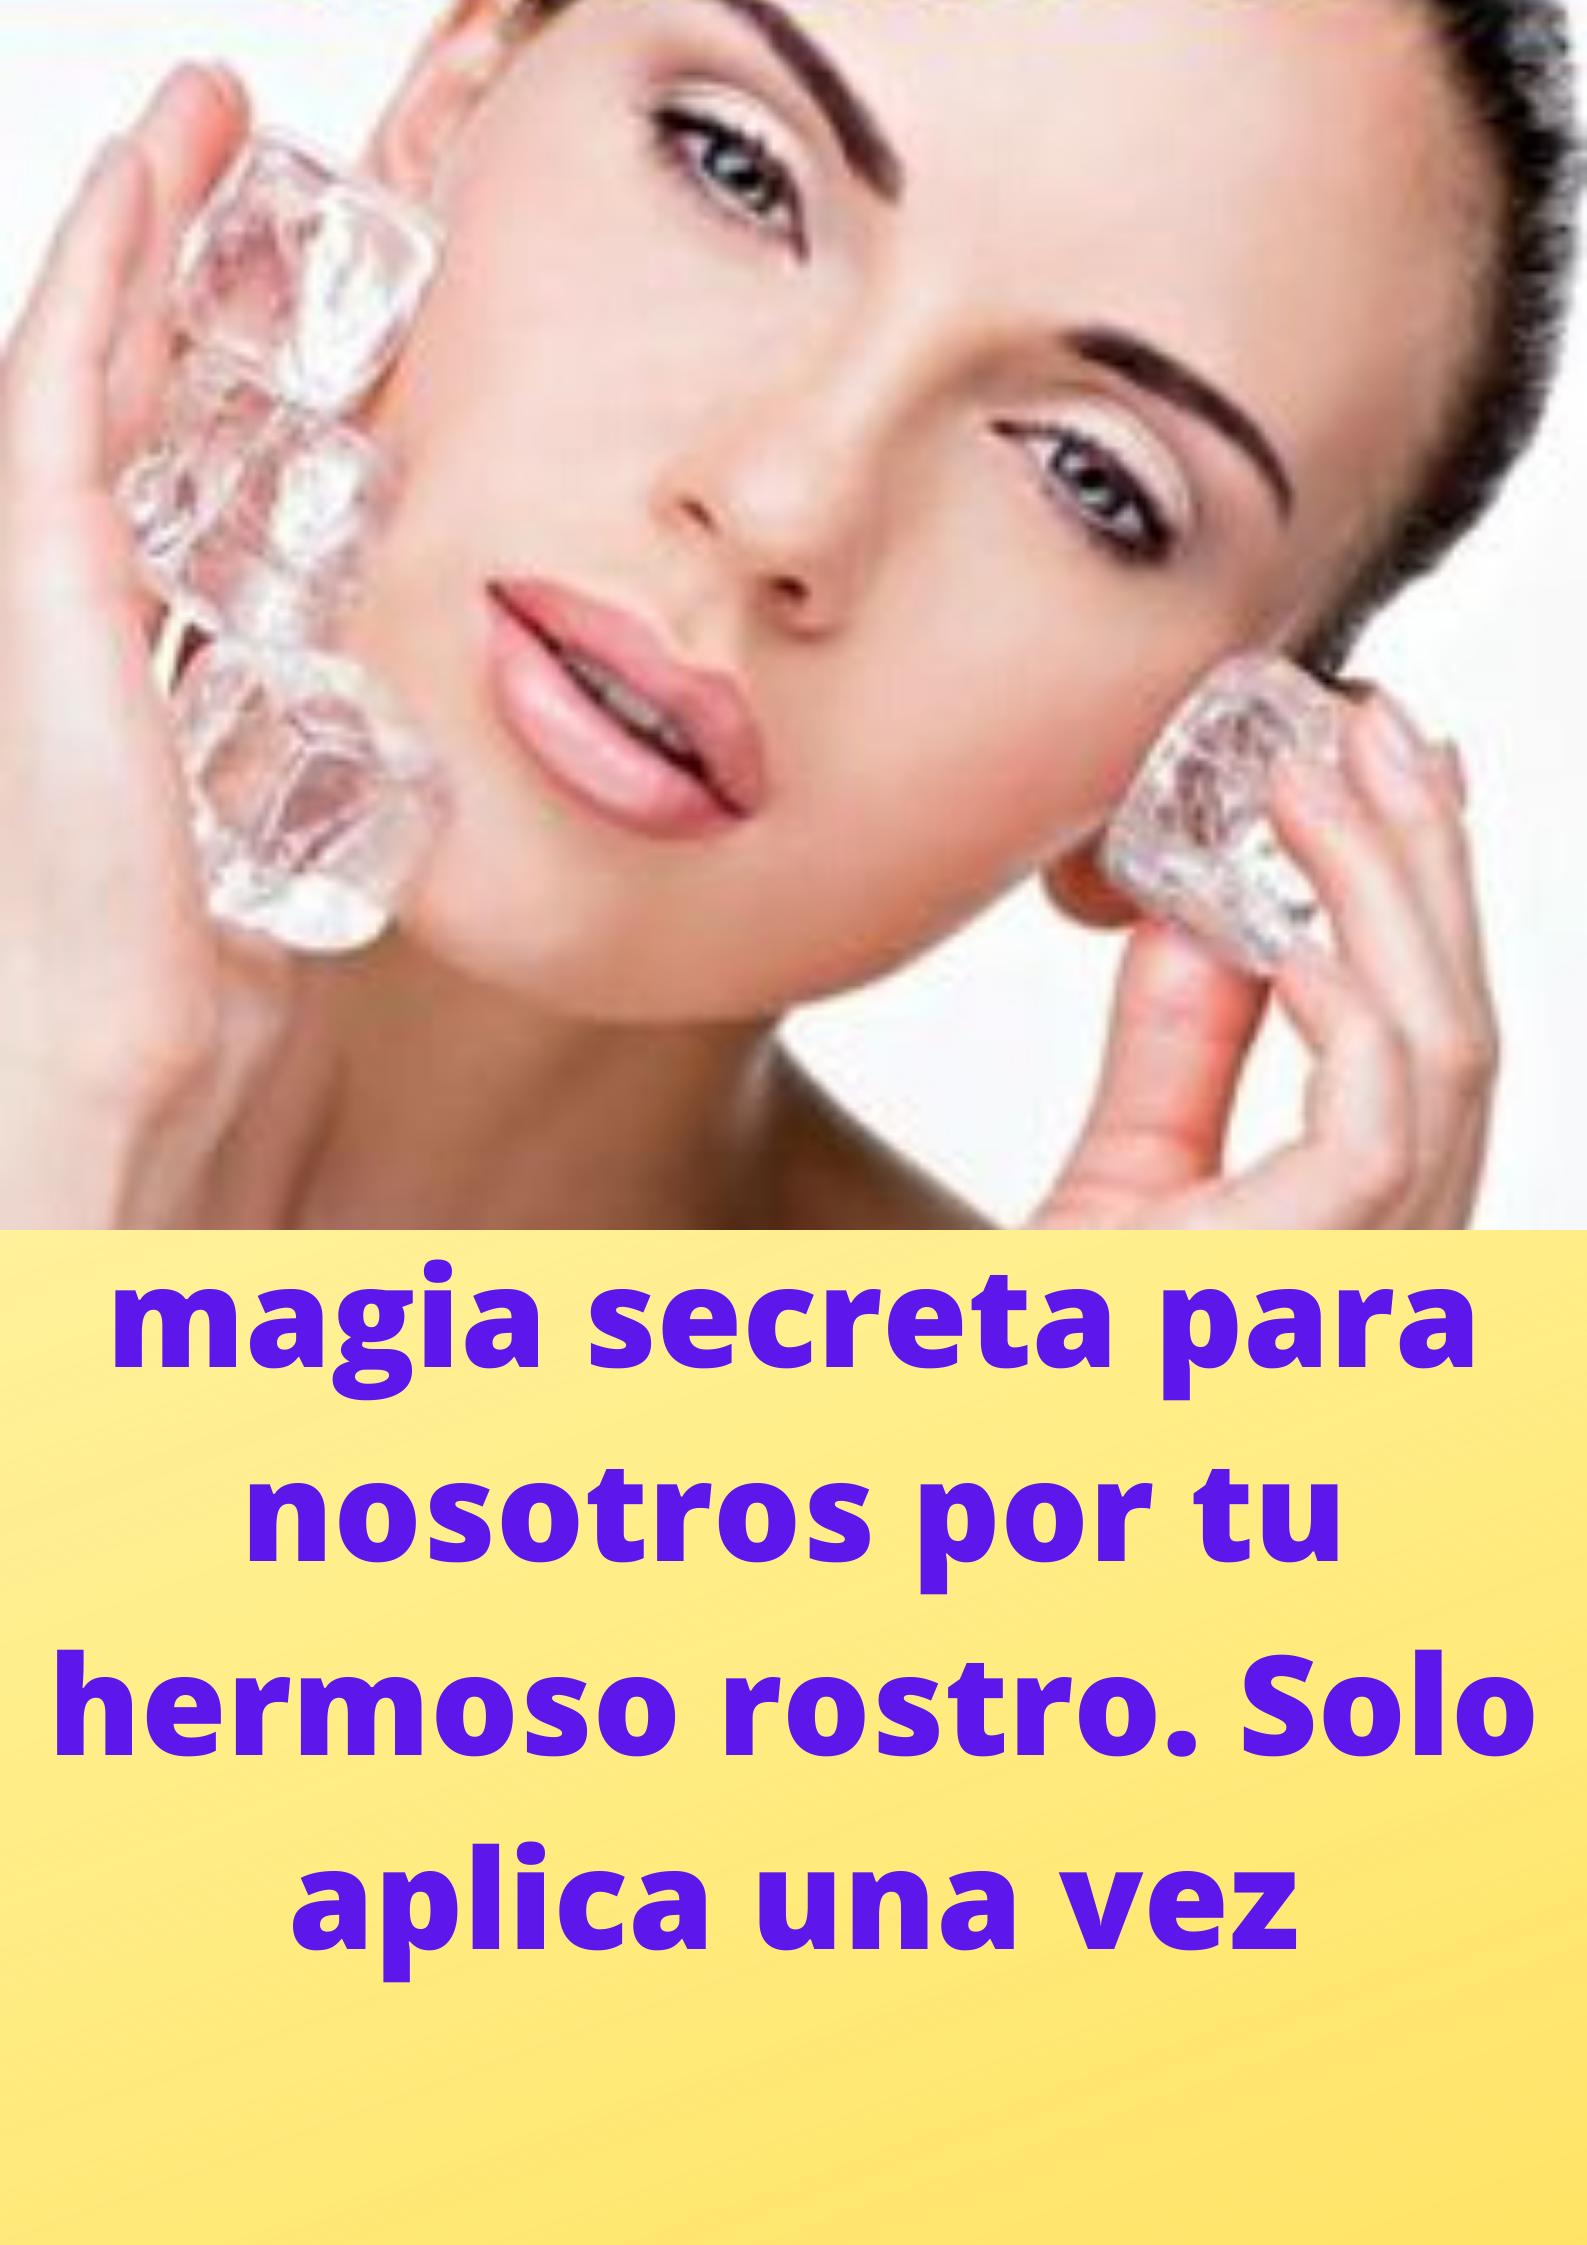 magia secreta para nosotros por tu hermoso rostro. Solo aplica una vez